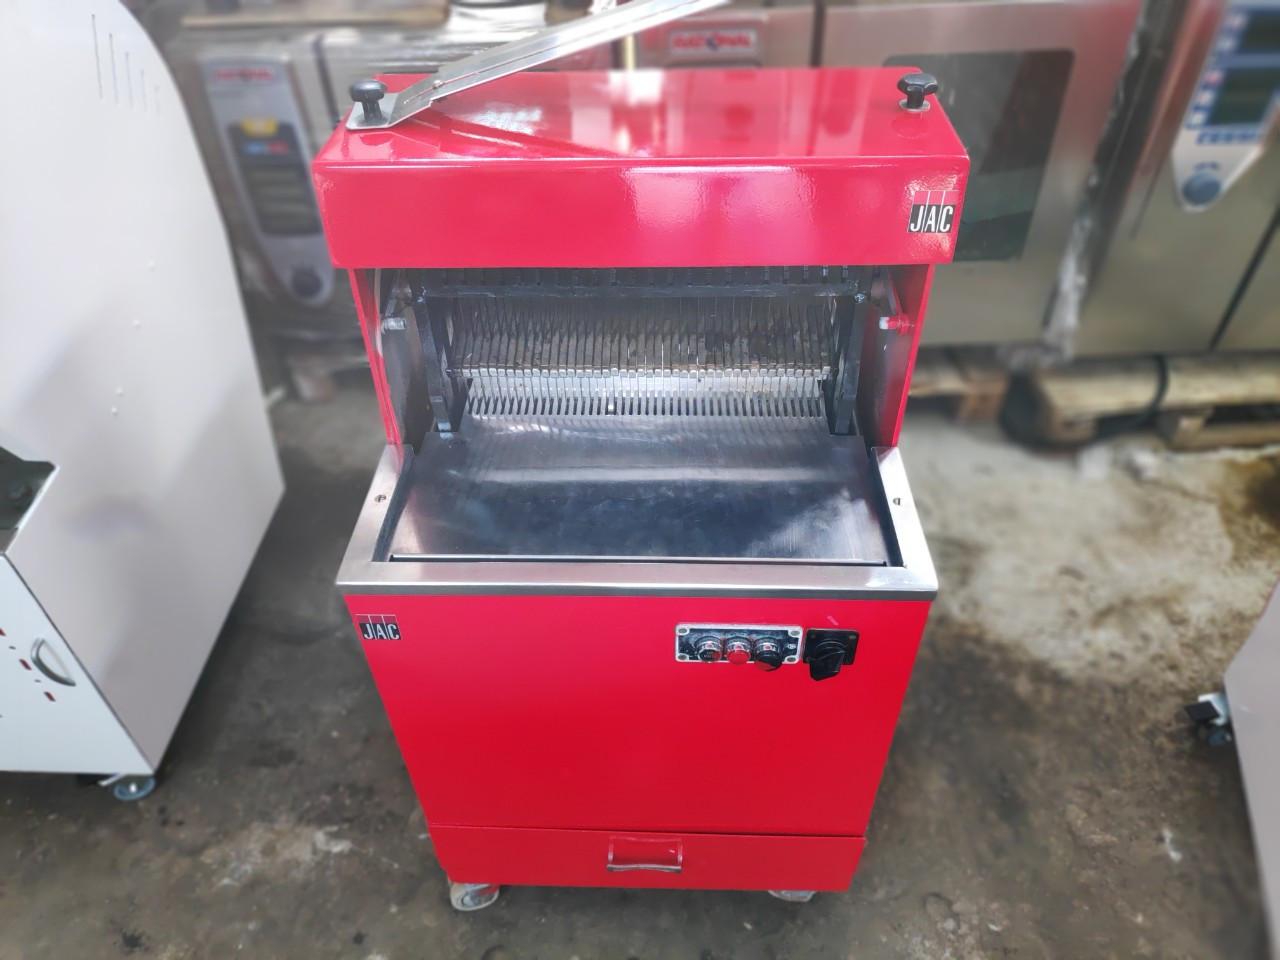 Хлеборезка хлеборезательная машина автомат JAK 460/10 б/у Бельгия